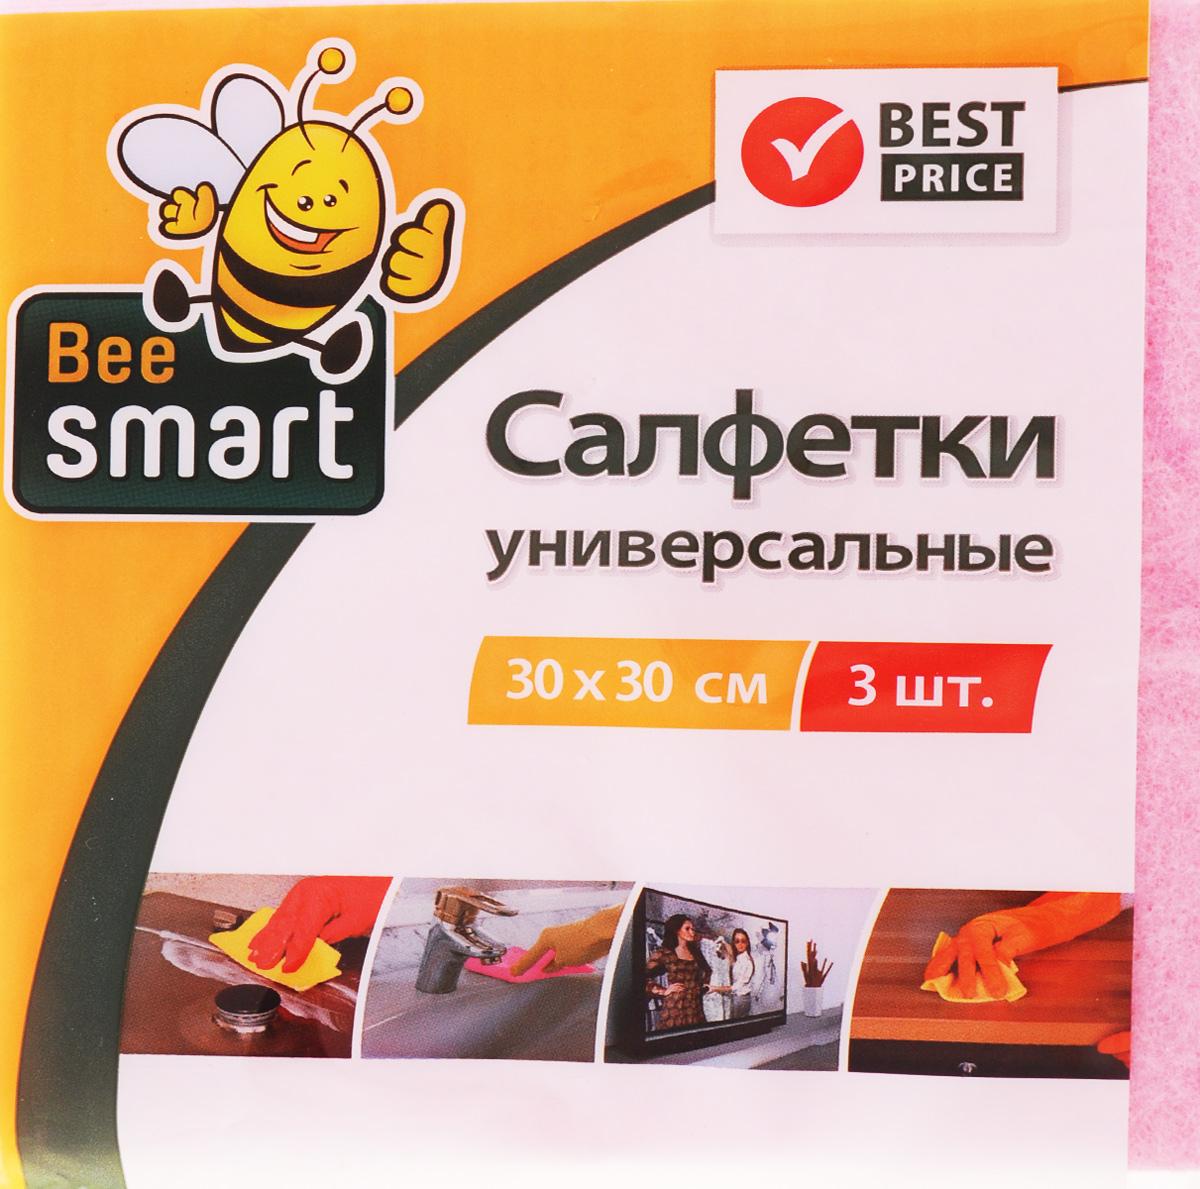 Набор универсальных салфеток Beesmart, 30 х 30 см, 3 штU110DFНабор Beesmart, выполненный из нетканого полотна (вискоза, полиэстер), состоит из 3 салфеток. Изделия предназначены для сухой и влажной уборки. Отлично впитывают жидкости, жиры, масла. Пригодны для многоразового использования, долговечны, не оставляют следов и ворсинок. Размер салфетки: 30 х 30 см.